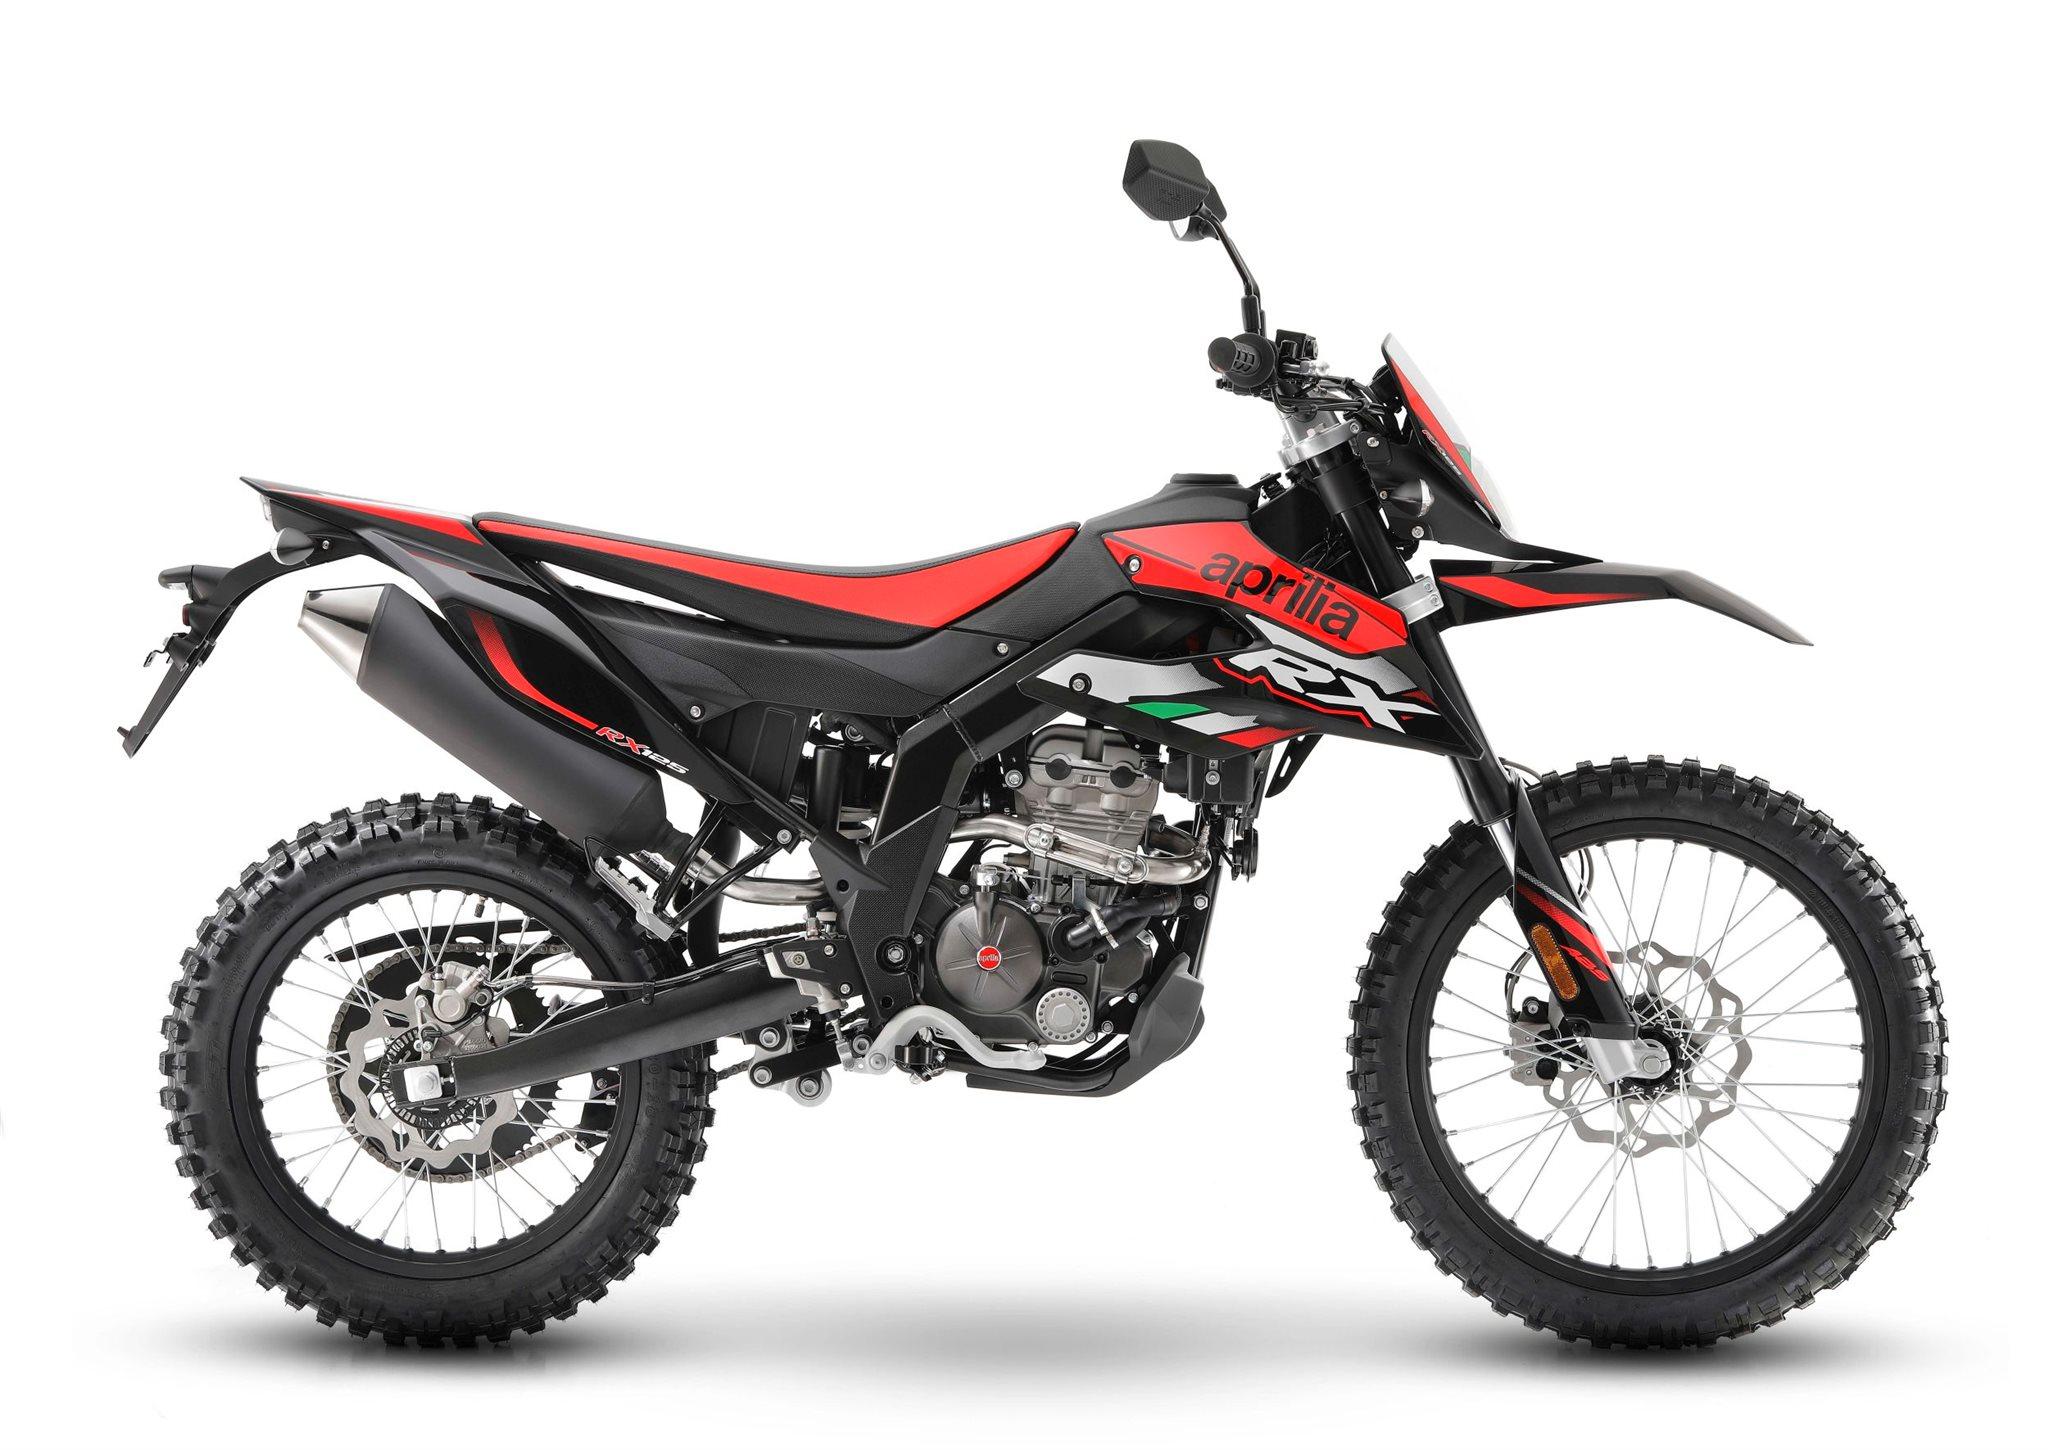 Gebrauchte und neue Aprilia RX 125 Racing Motorräder kaufen